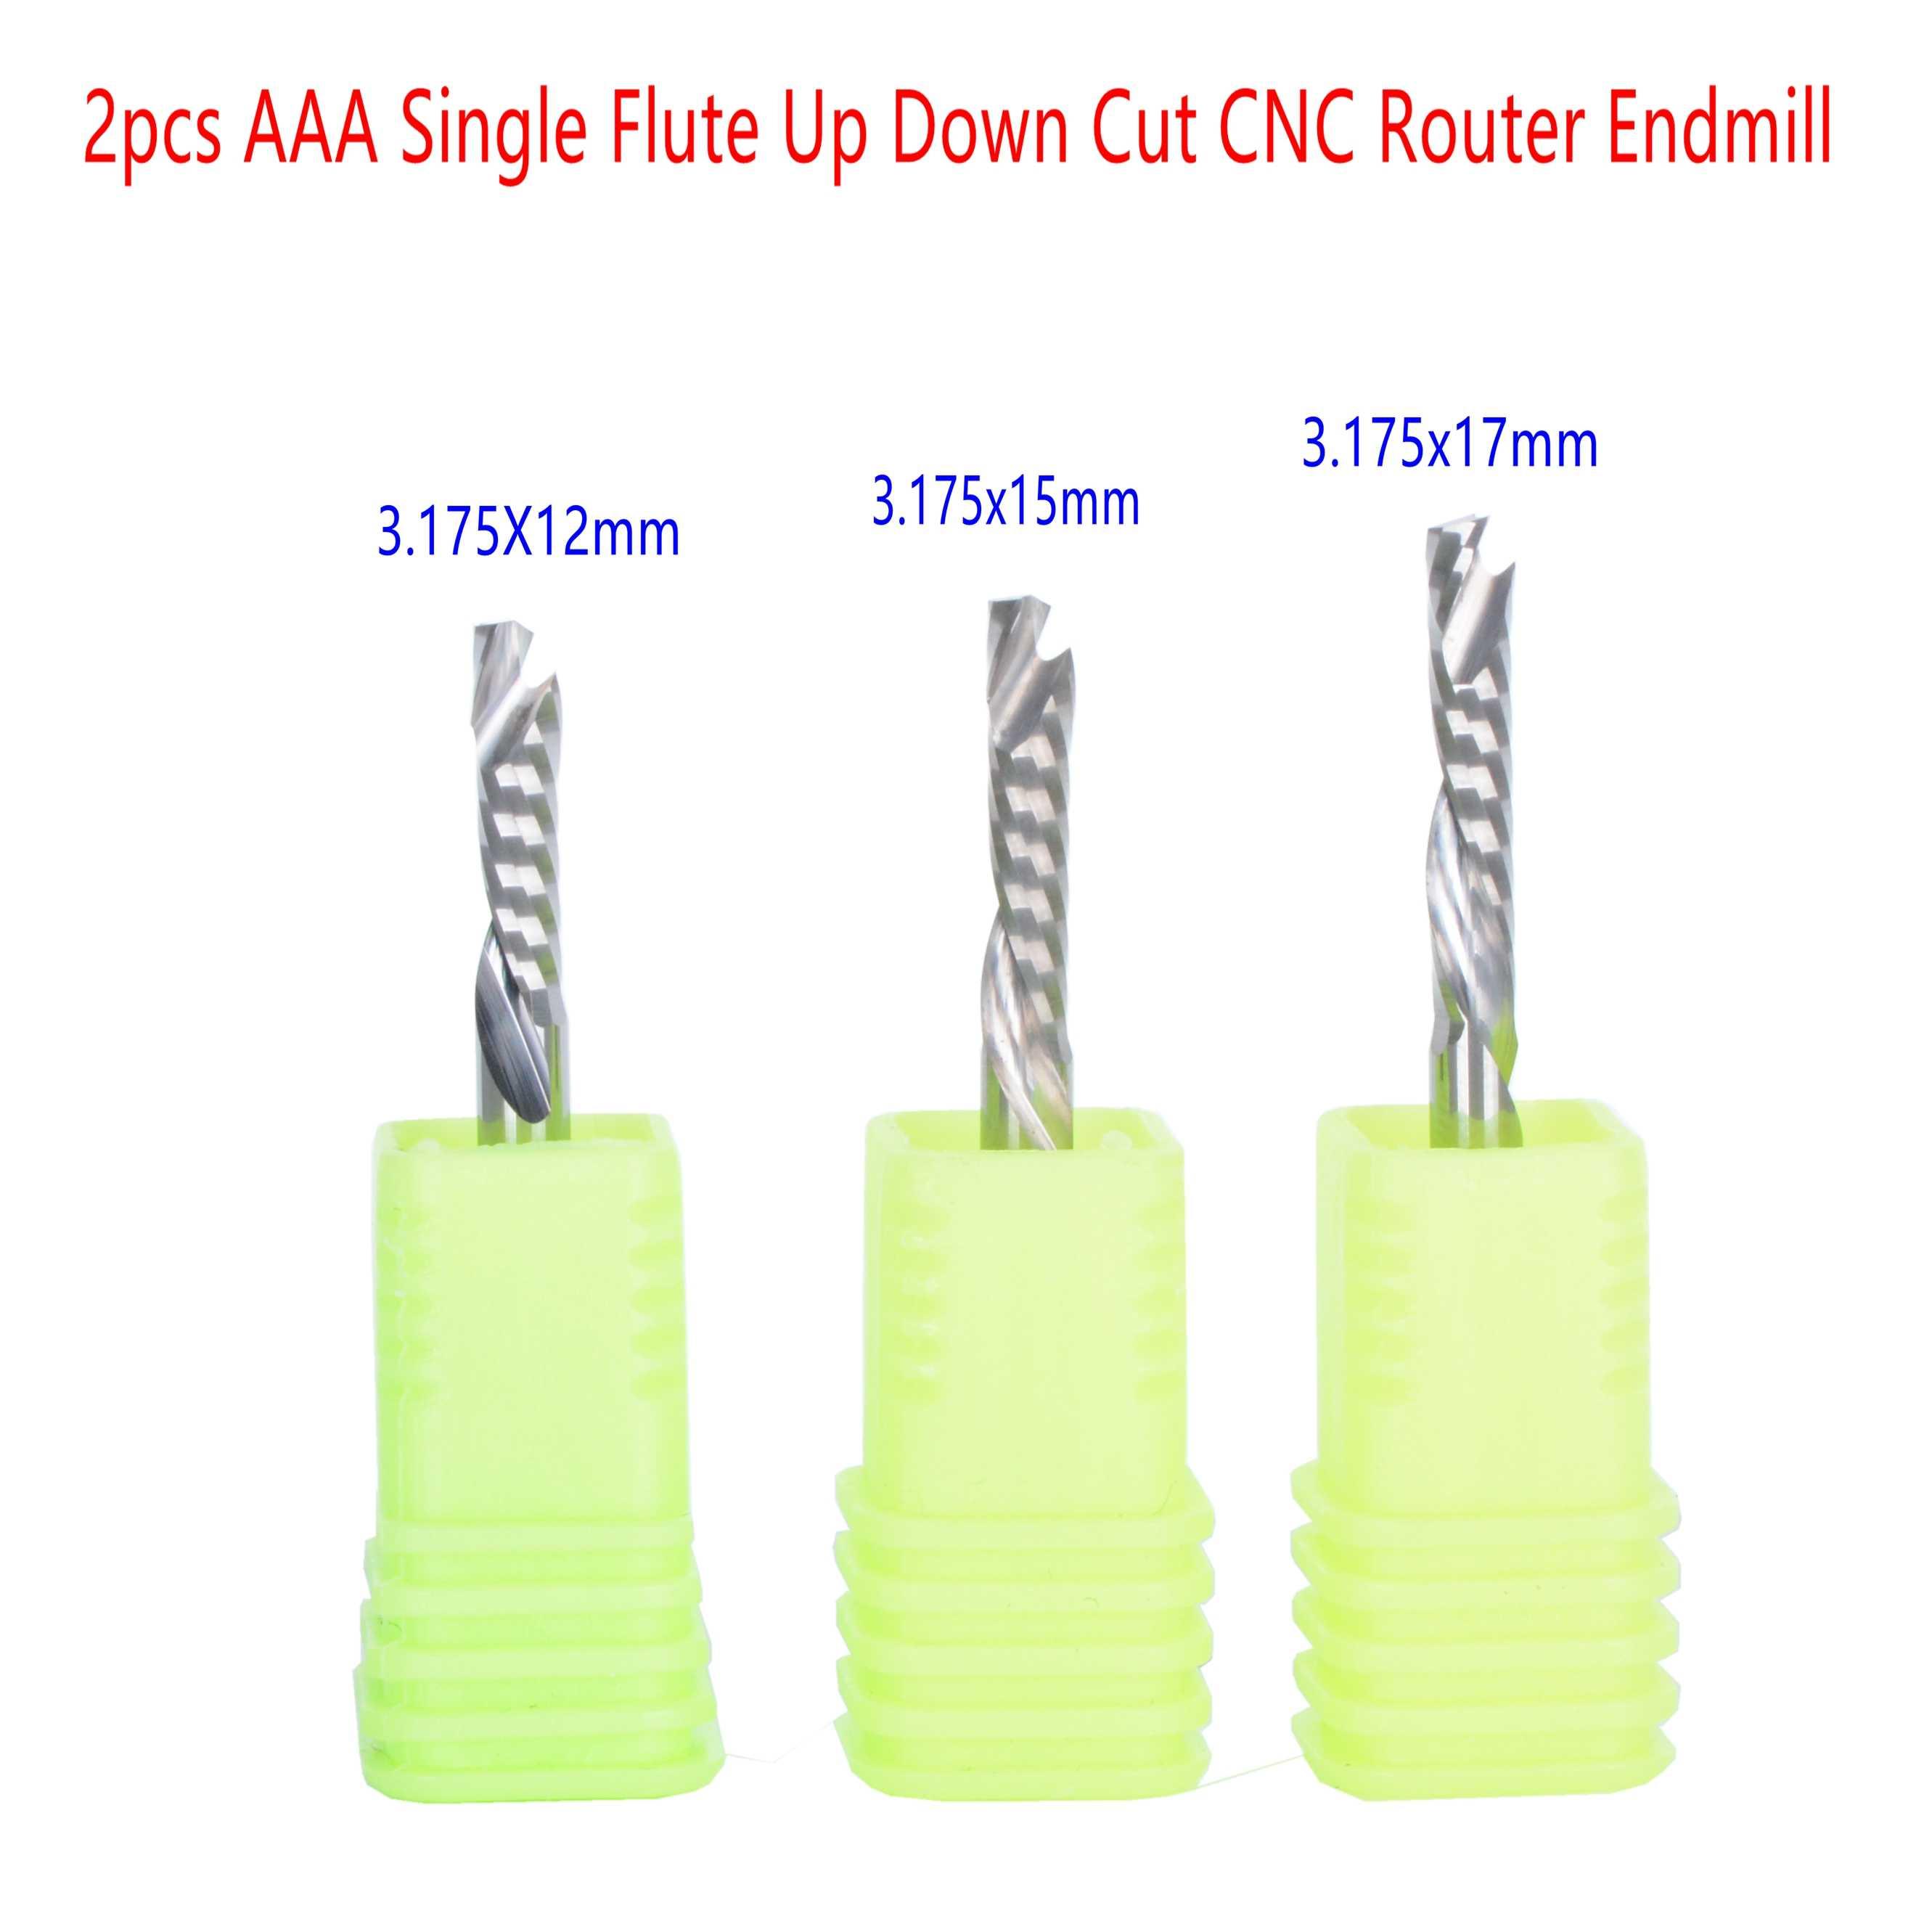 2 chiếc HSK 3.175mm AAA Đơn Sáo Lên Xuống Cắt CNC Router Endmill cho CNC Router nén Gỗ Cấp Cối Xay Cắt Bit